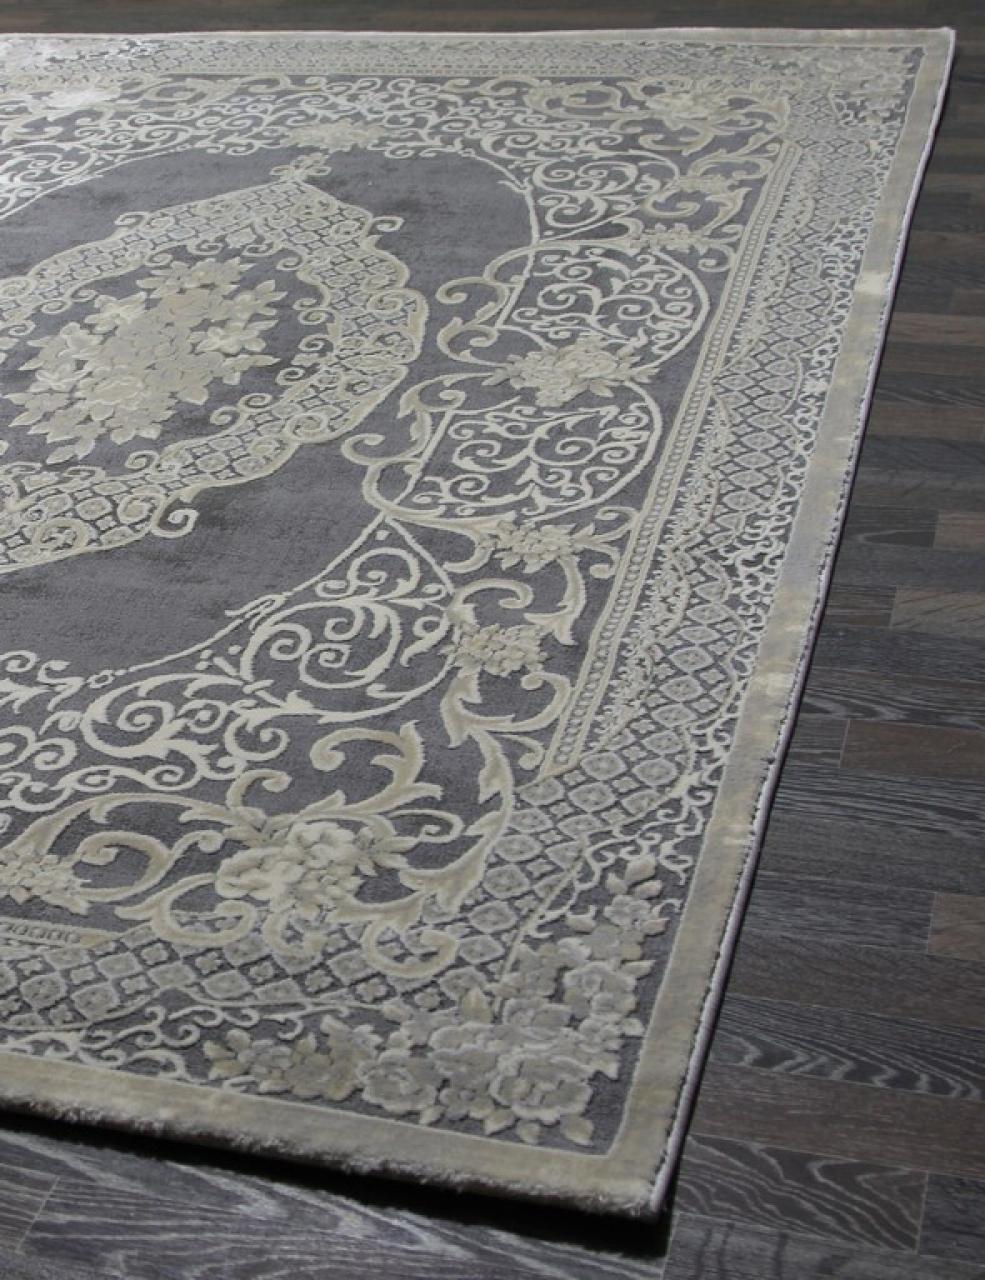 Ковер 17189 - 095 - Прямоугольник - коллекция THEMA - фото 3